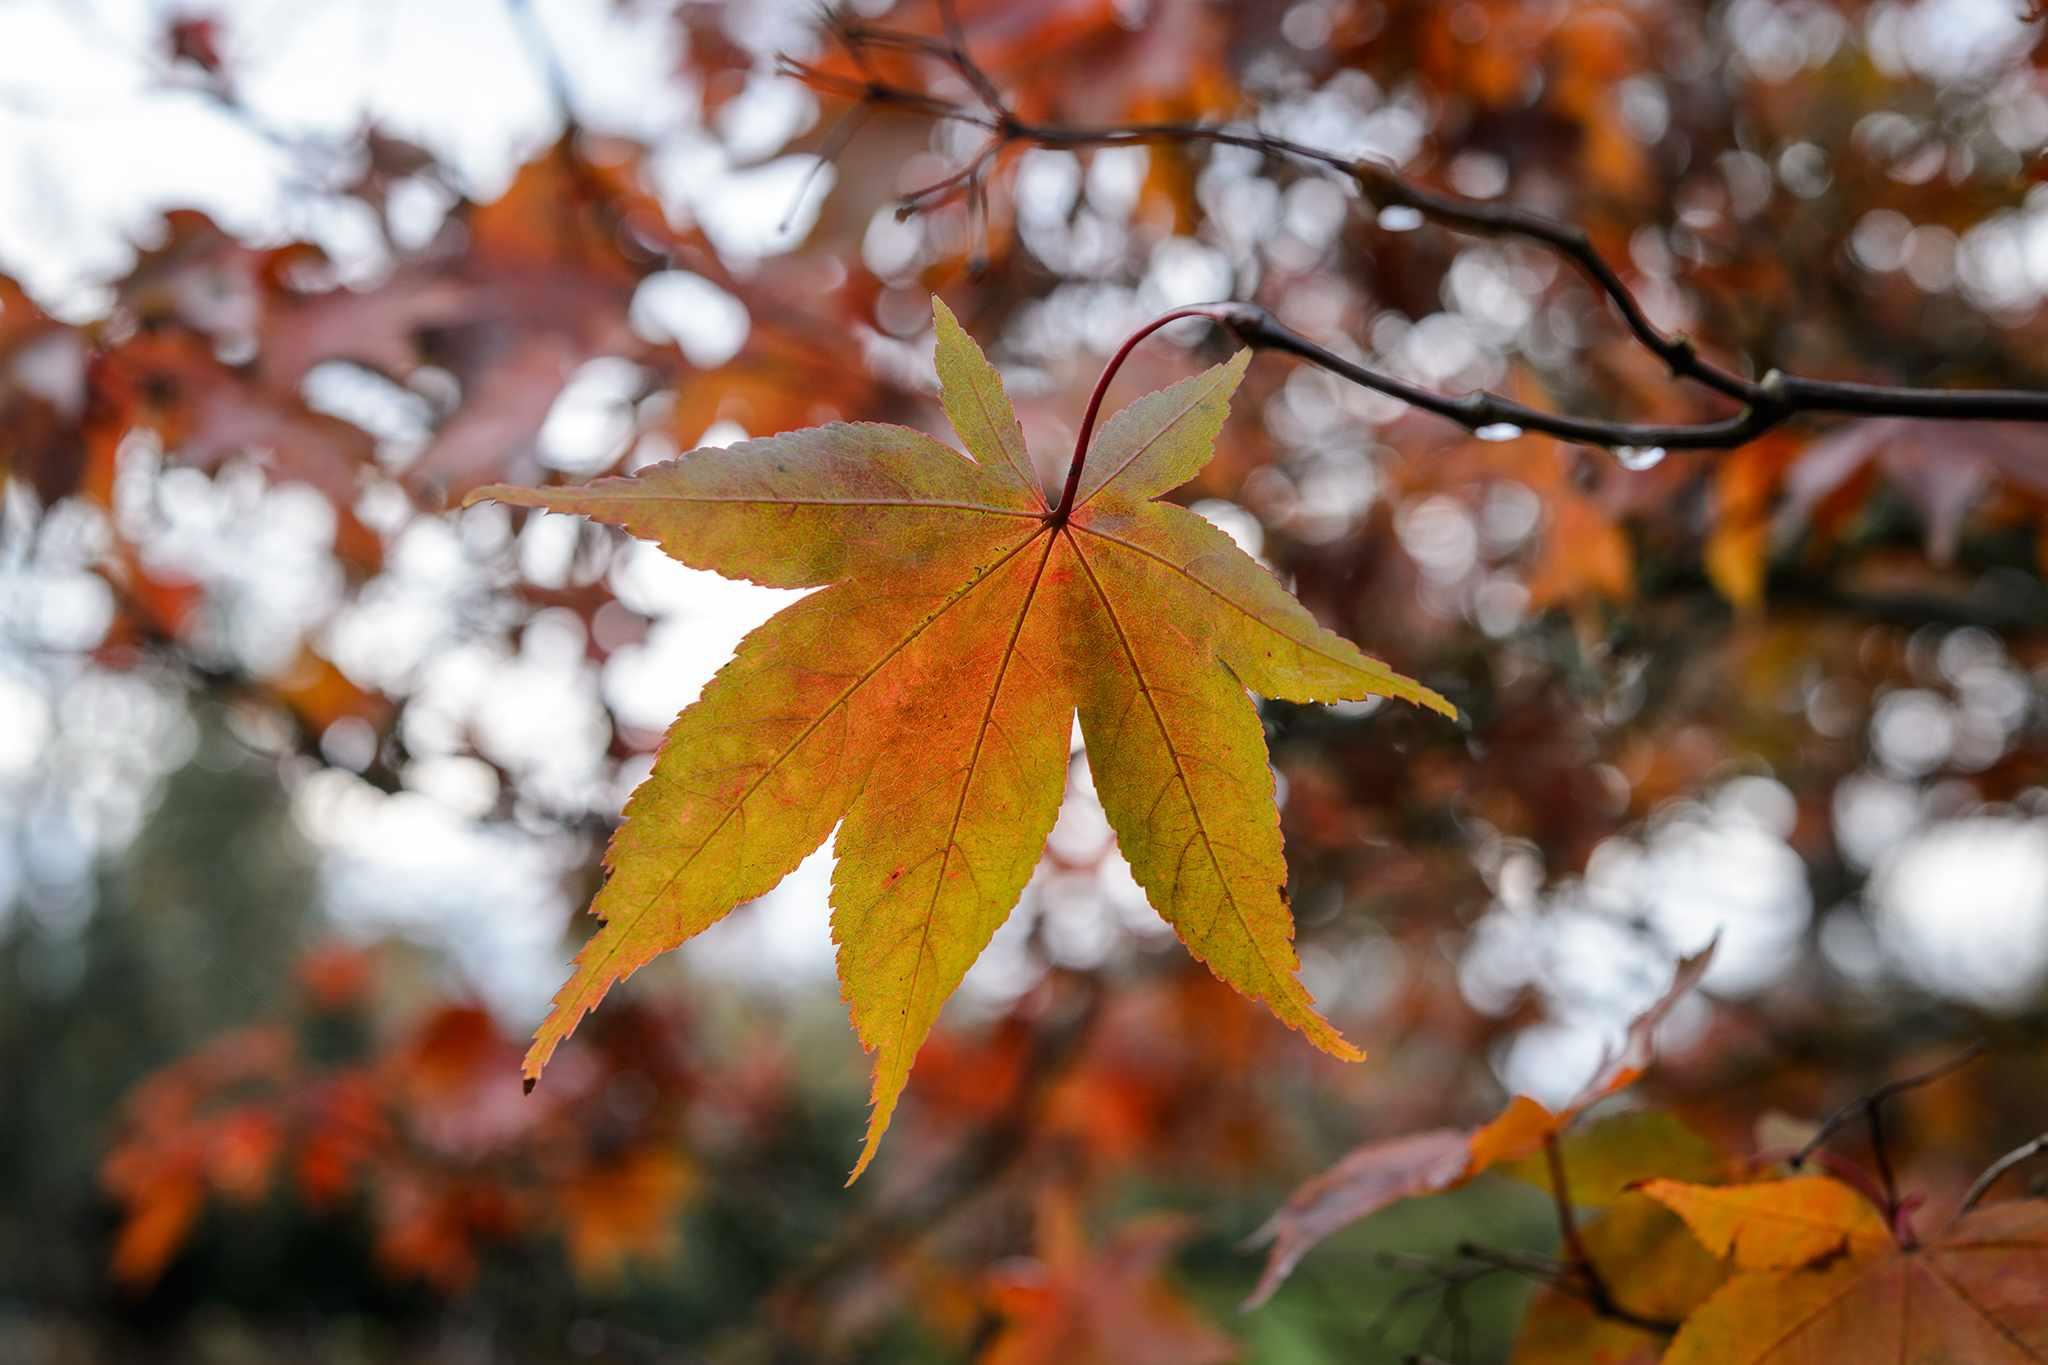 Acer palmatum var. matsumurae